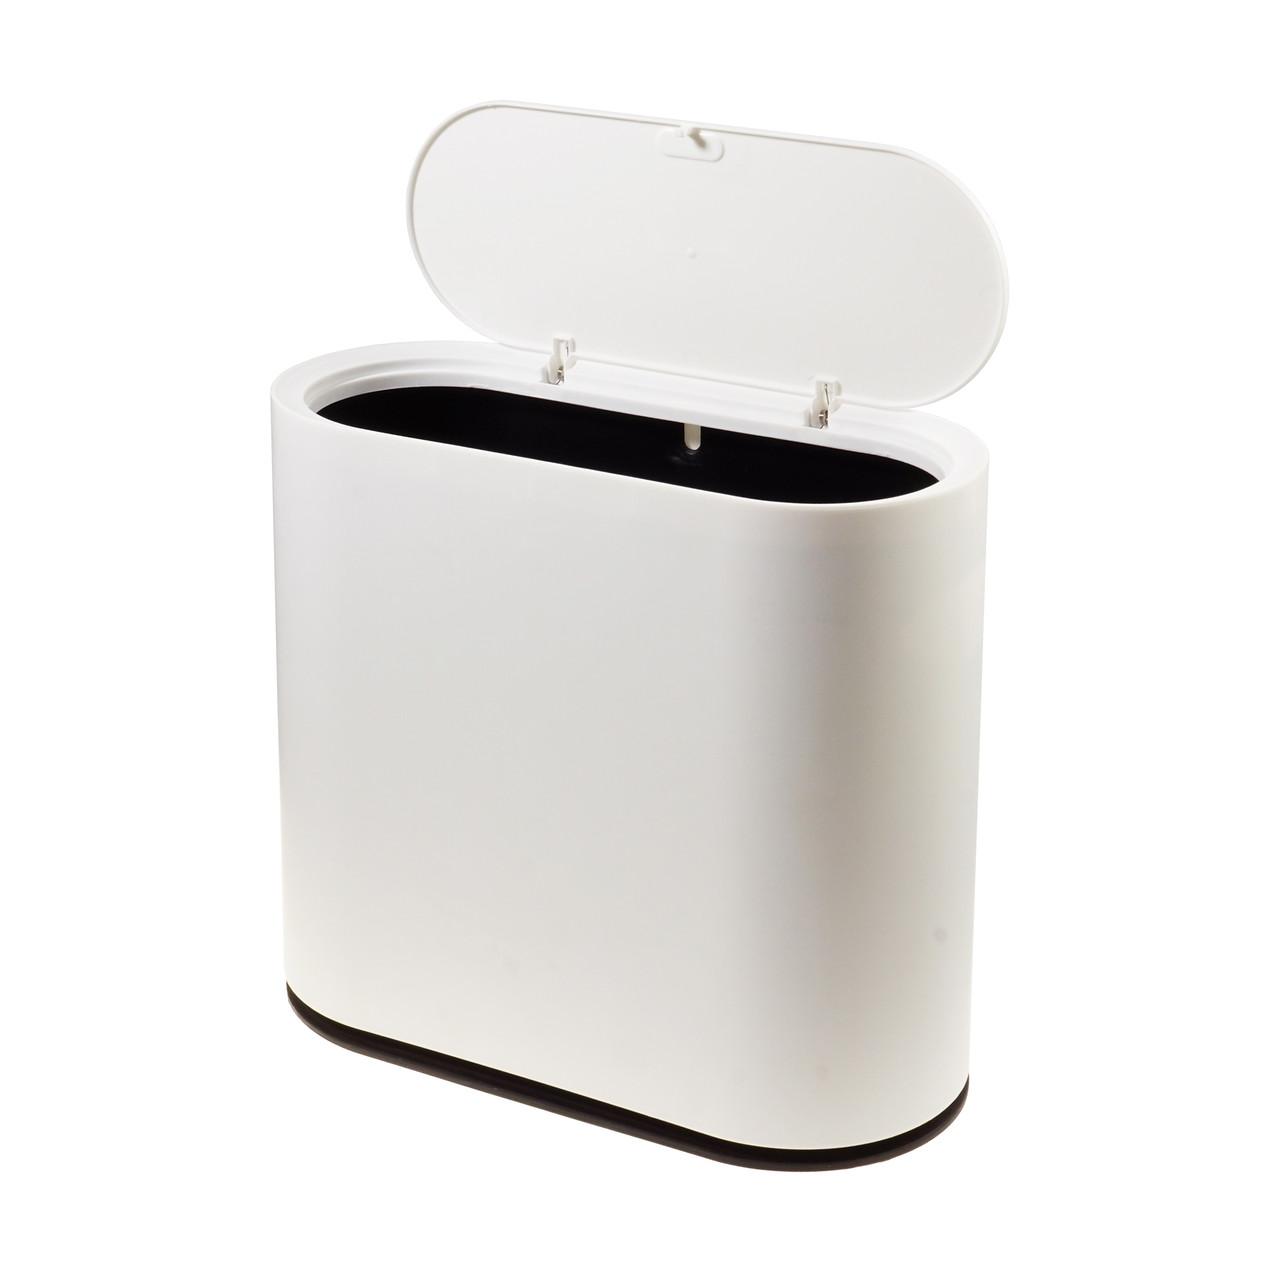 Уценка (товар с небольшим дефектом) Мусорный бак для кухни и ванной комнаты